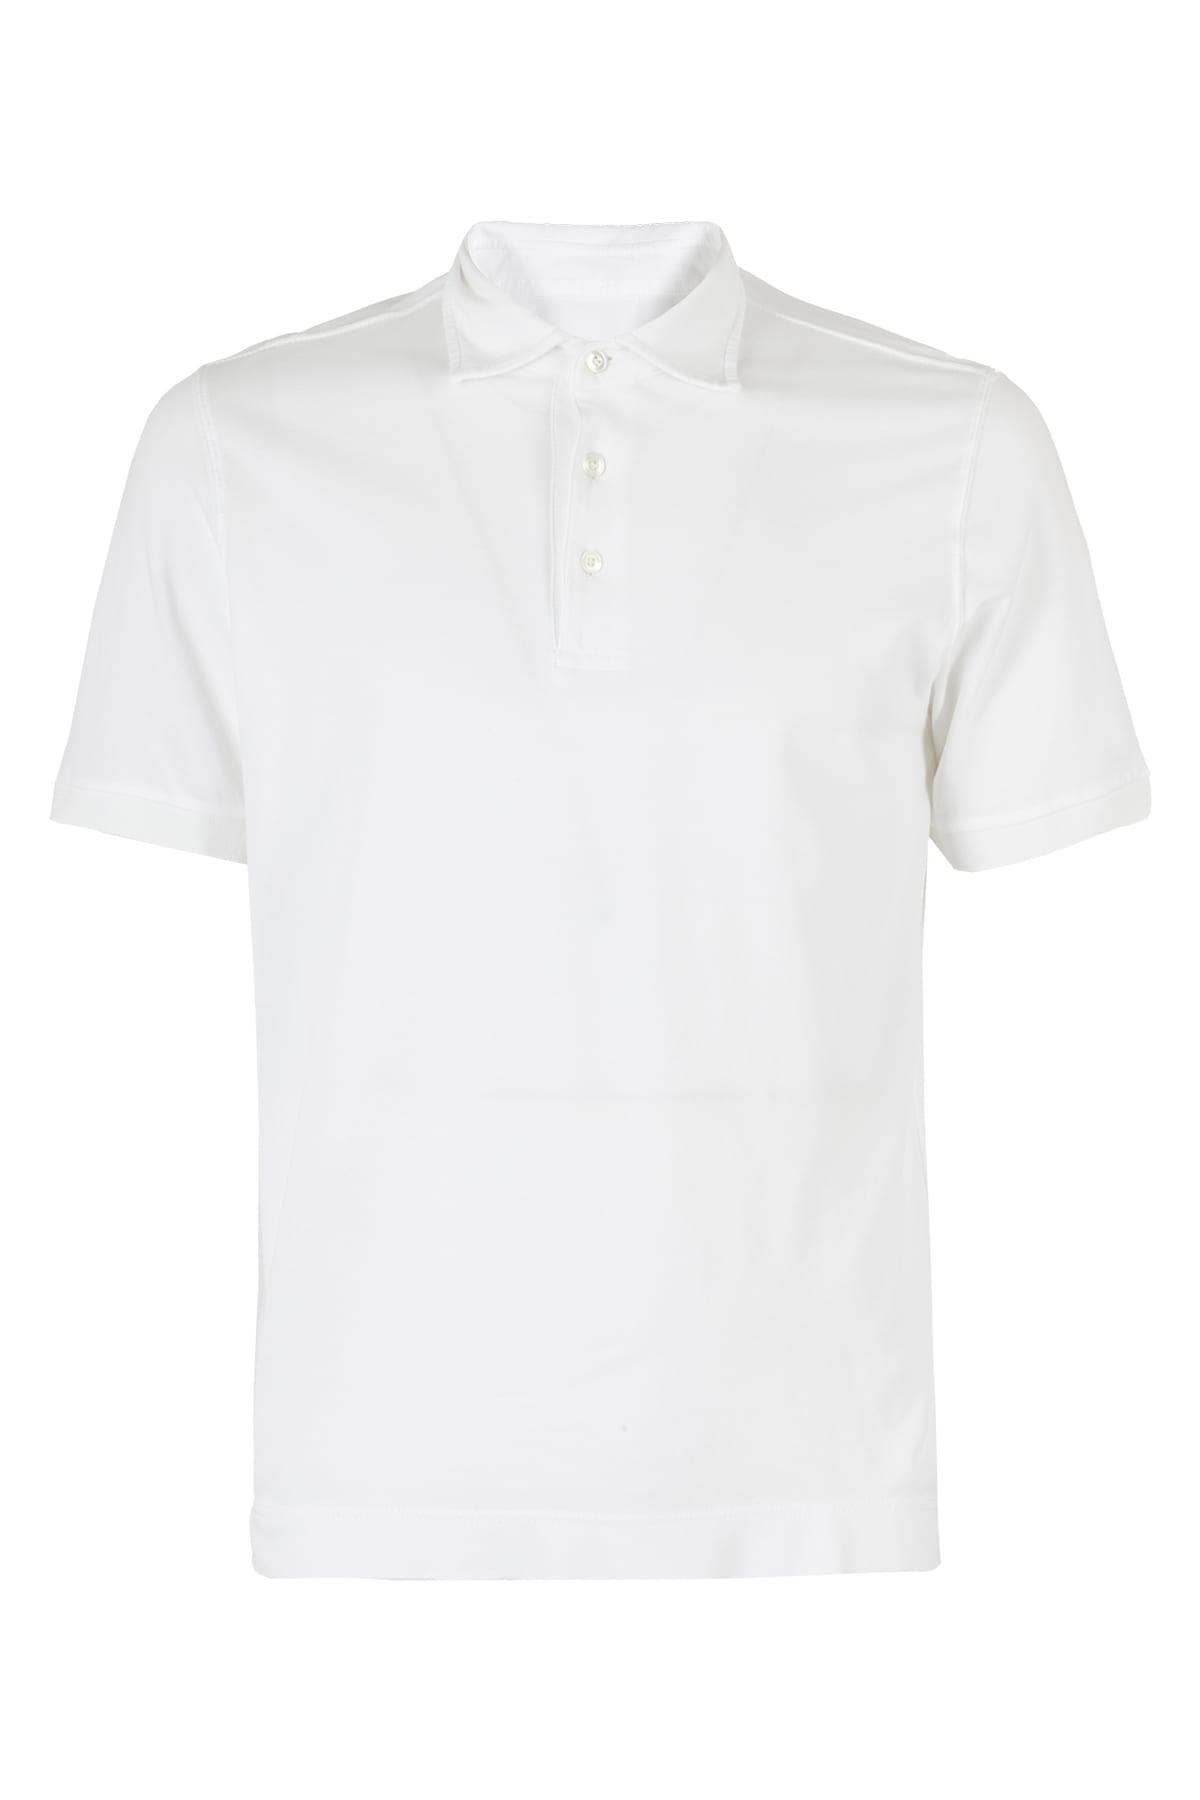 Circolo 1901 Polo Shirt